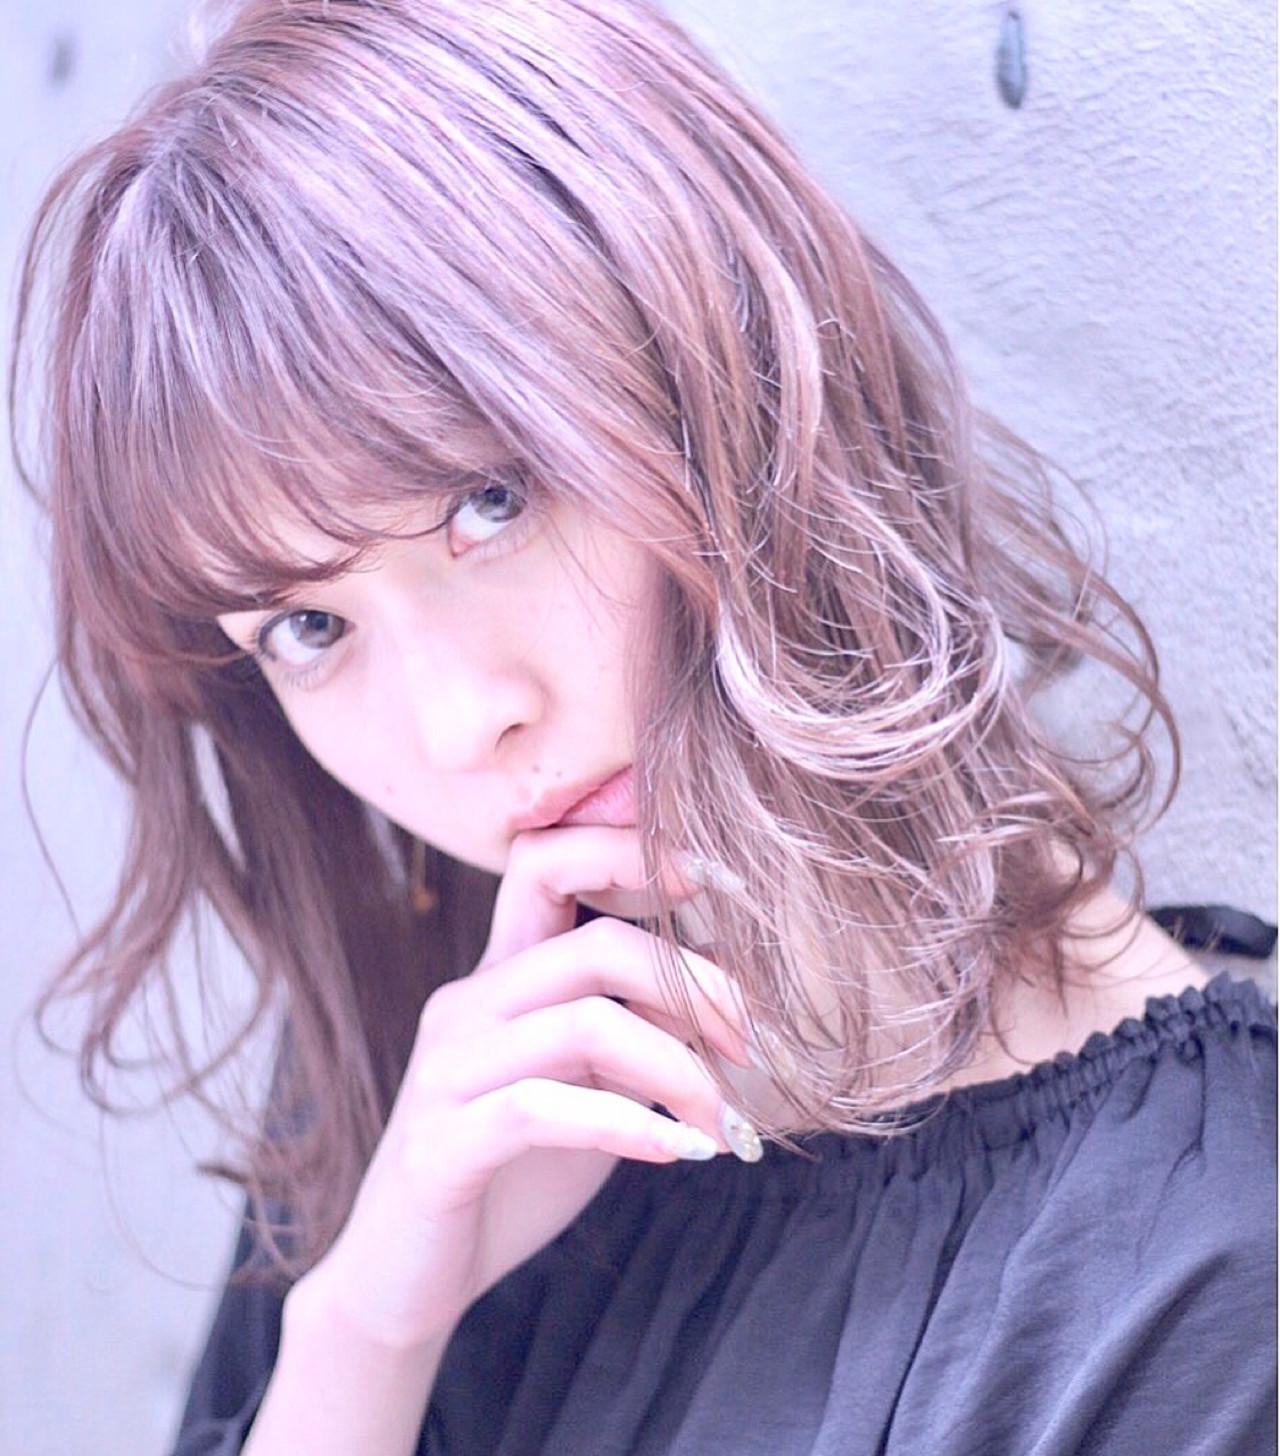 どんな髪型にすればいいの?40代の女性におすすめしたい髪型はこれ! Wataru Maeda